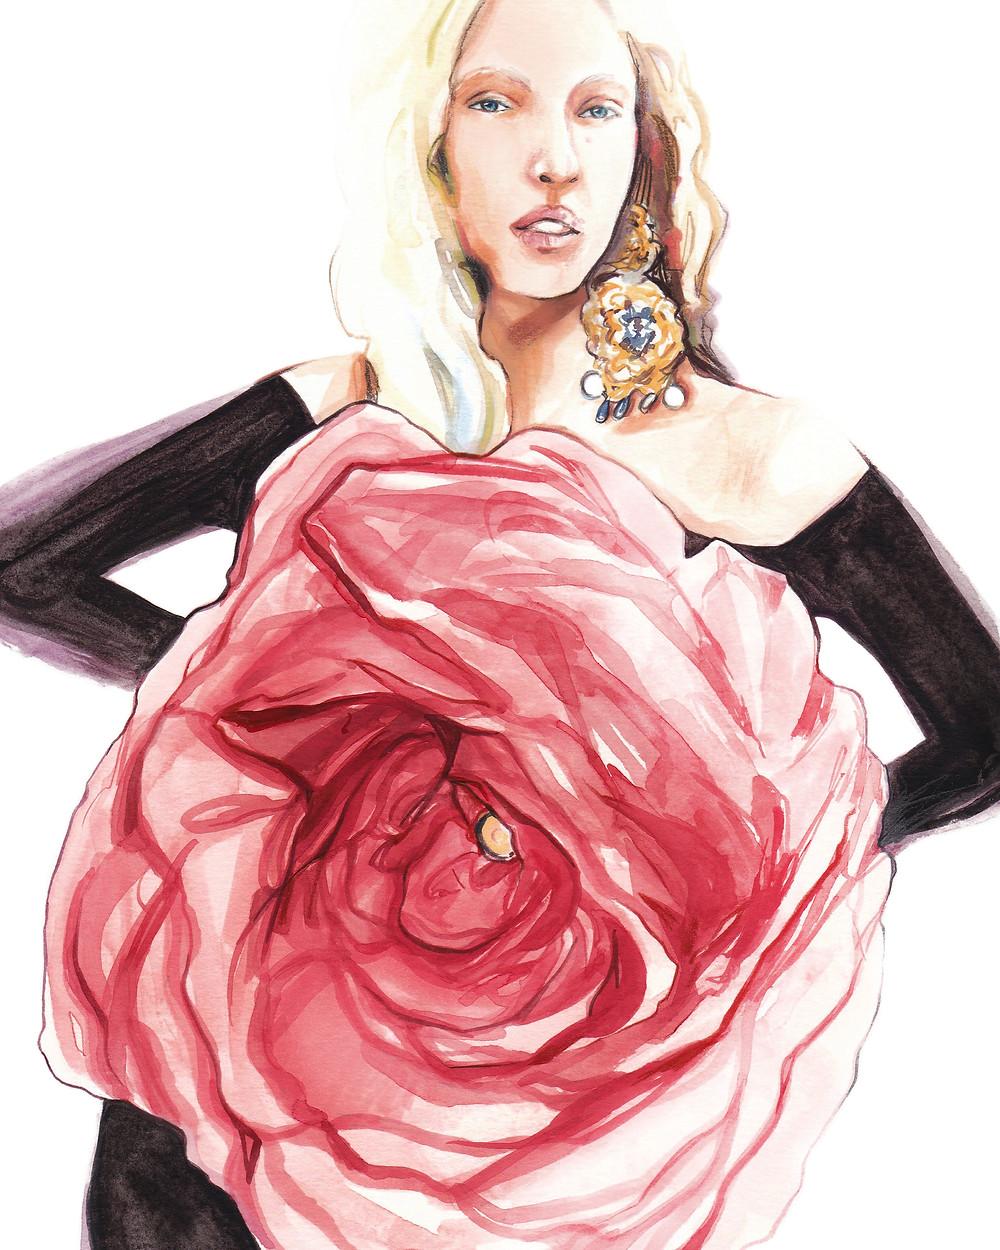 Daniel Roseberry's SCHIAPARELLI New Haute Couture collection